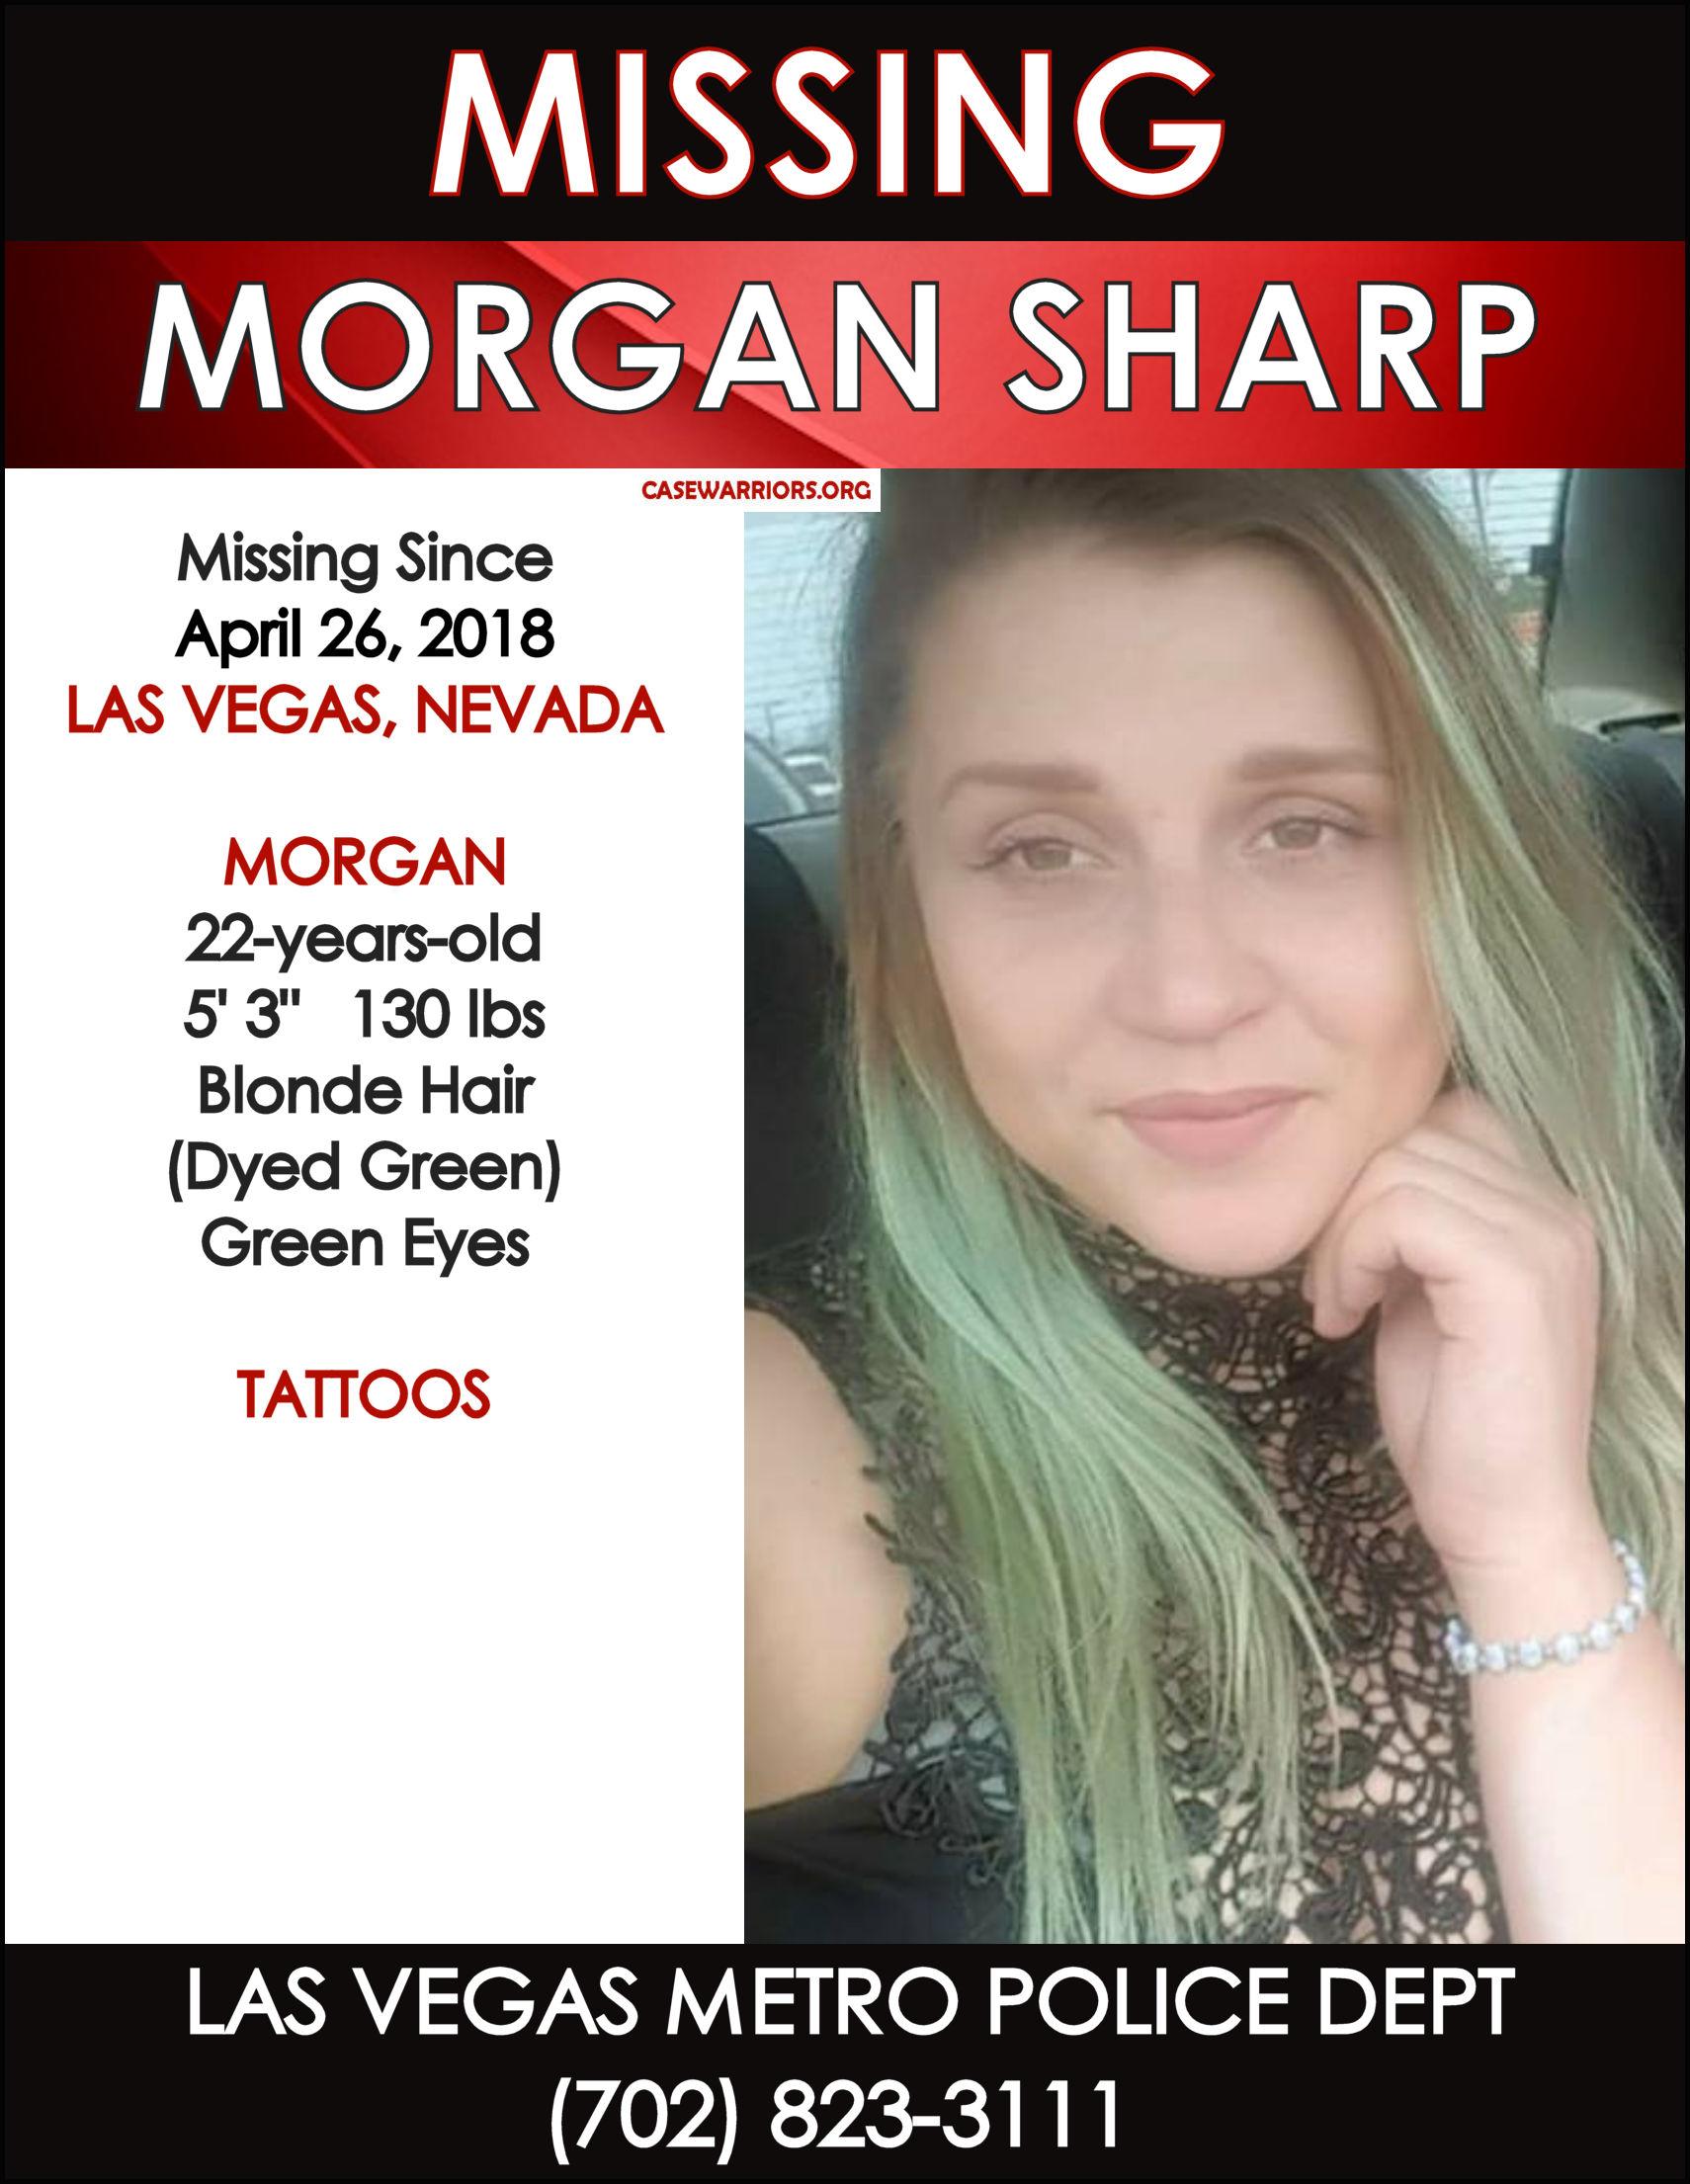 MORGAN SHARP